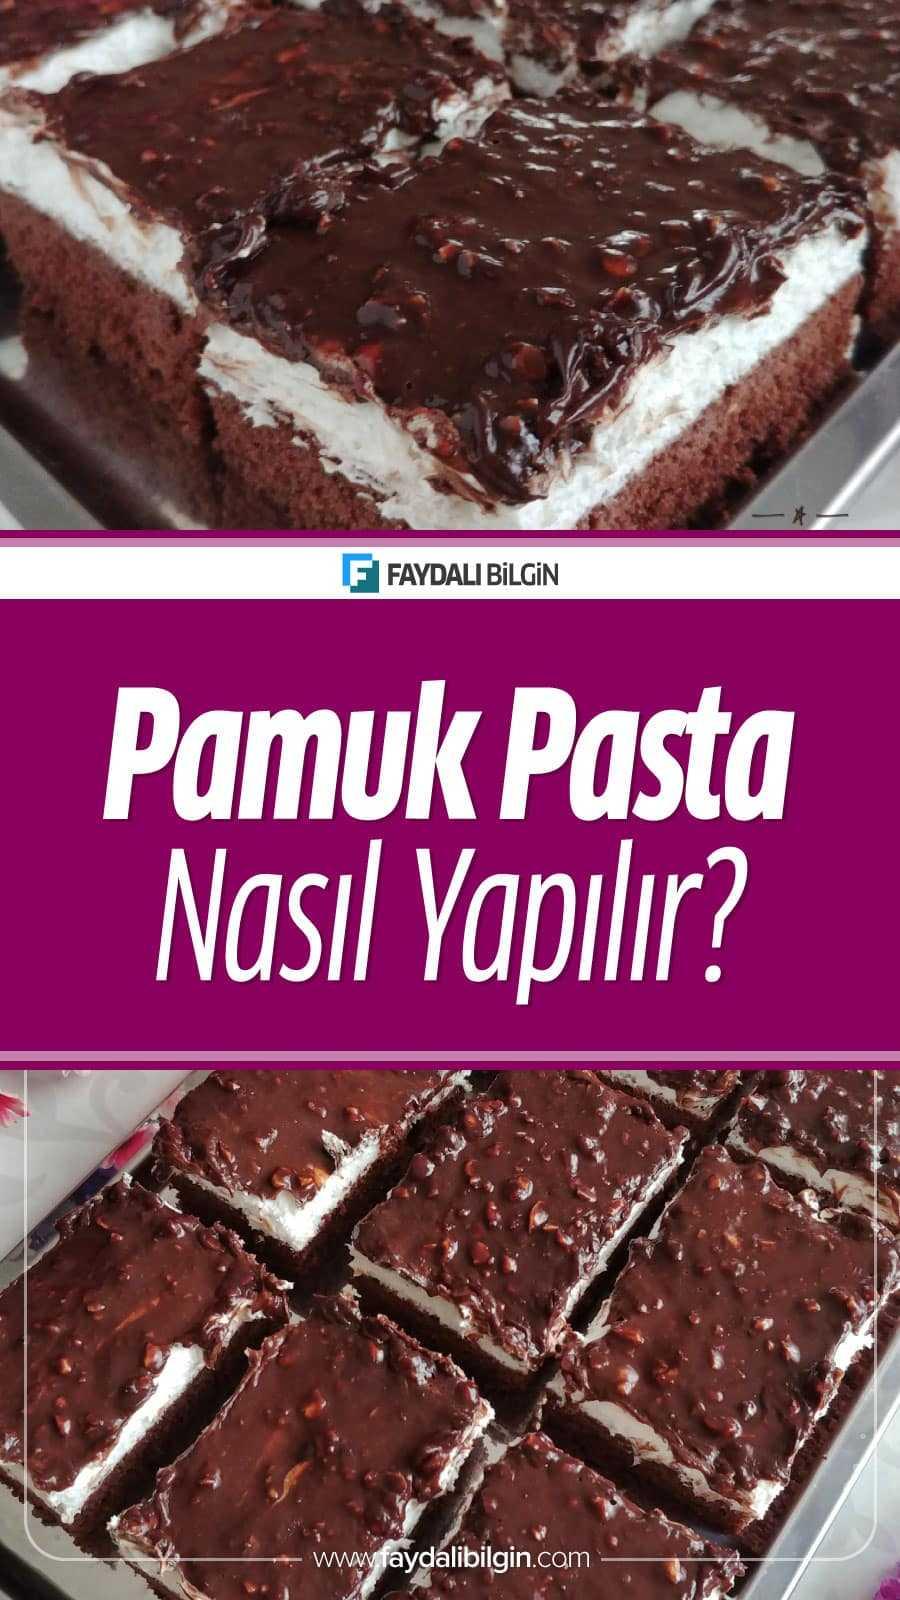 Nefis Yemek Tarifleri kanalının hazırladığı Pamuk Pasta Tarifi. Evinizdeki malzemelerinizle çok pratik bir şekilde yapabilirsiniz.